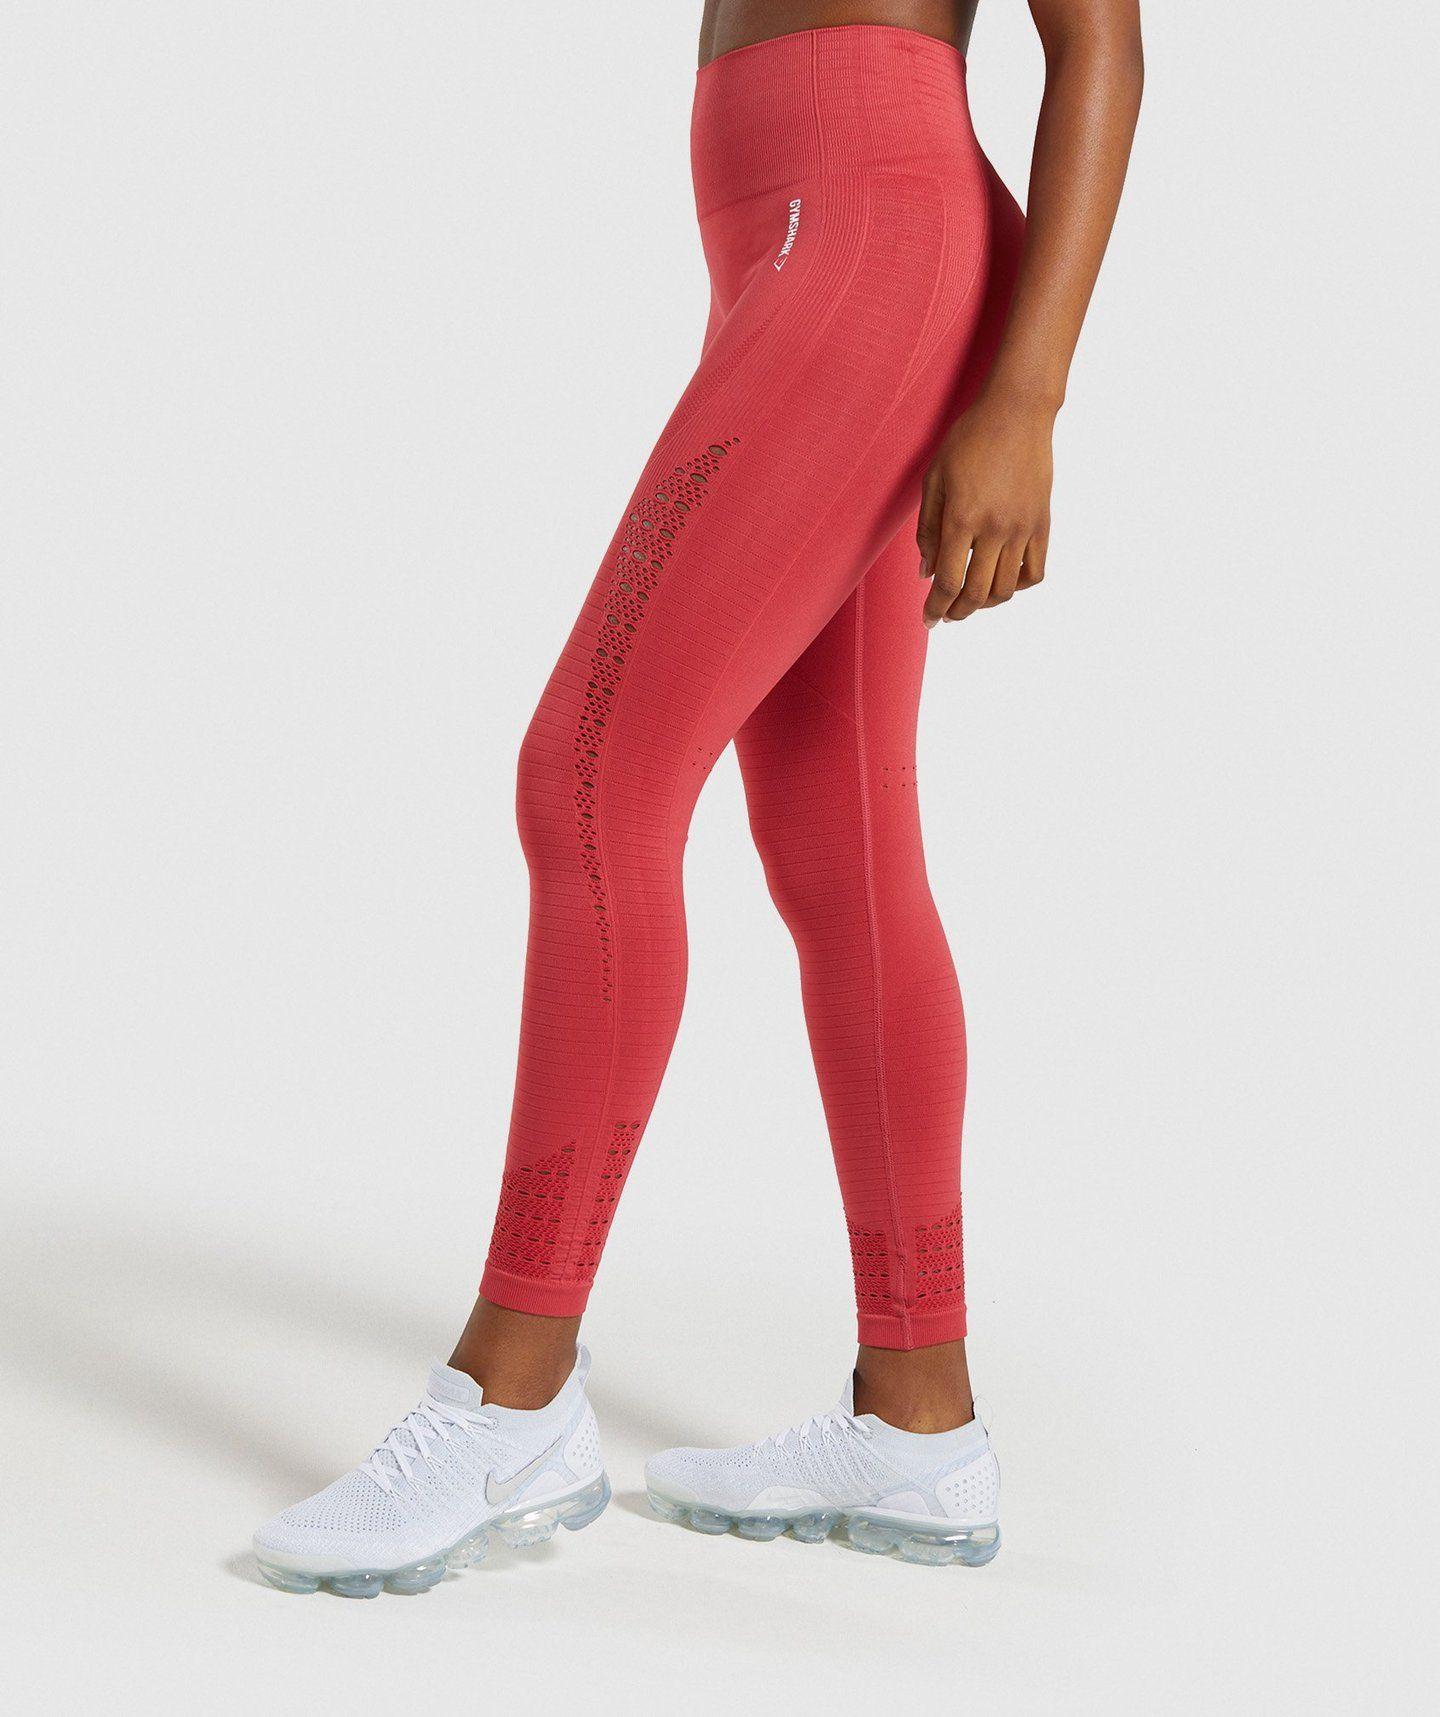 29f0214de5863 Gymshark Energy+ Seamless Leggings - Red | Women's Energy Seamless  Collection | Gymshark